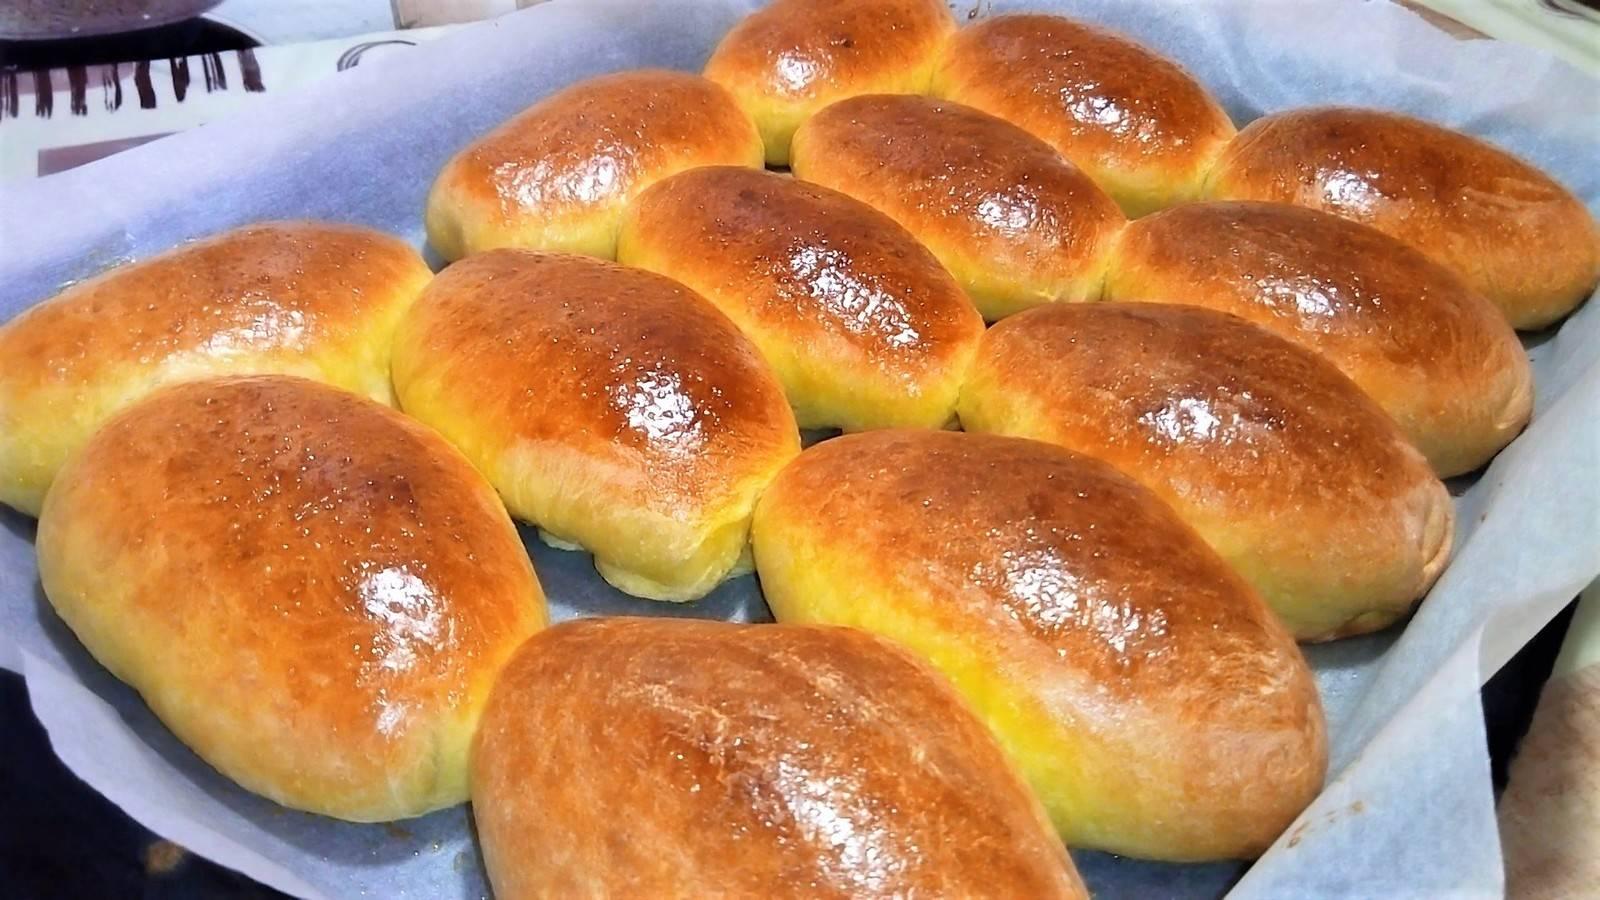 Солнышко на блюдце – мамины пирожки с абрикосами в духовке. сдобное, слоёное и творожное тесто для пирожков с абрикосами в духовке